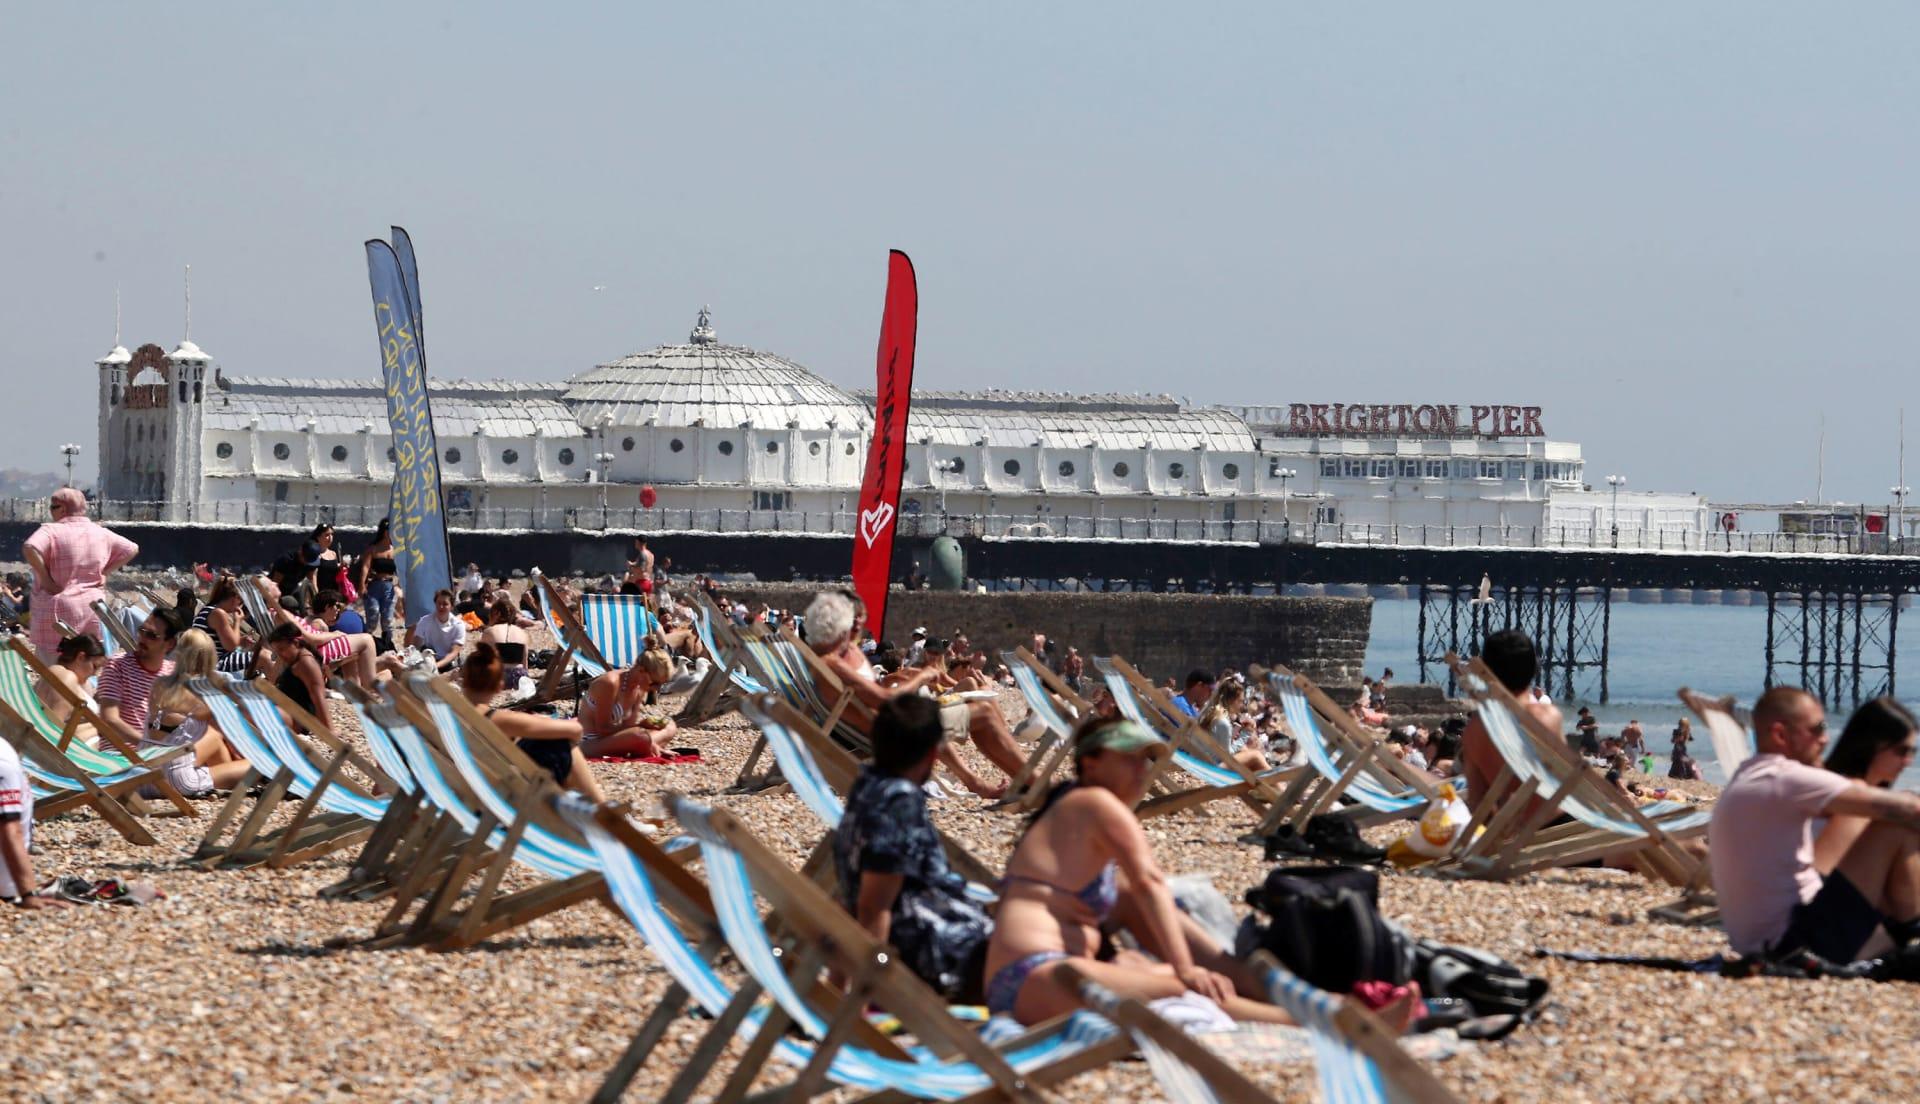 زيادة رواد الشاطئ بأوروبا مع ارتفاع درجات الحرارة.. هل يهدد ذلك بموجة ثانية لكورونا؟